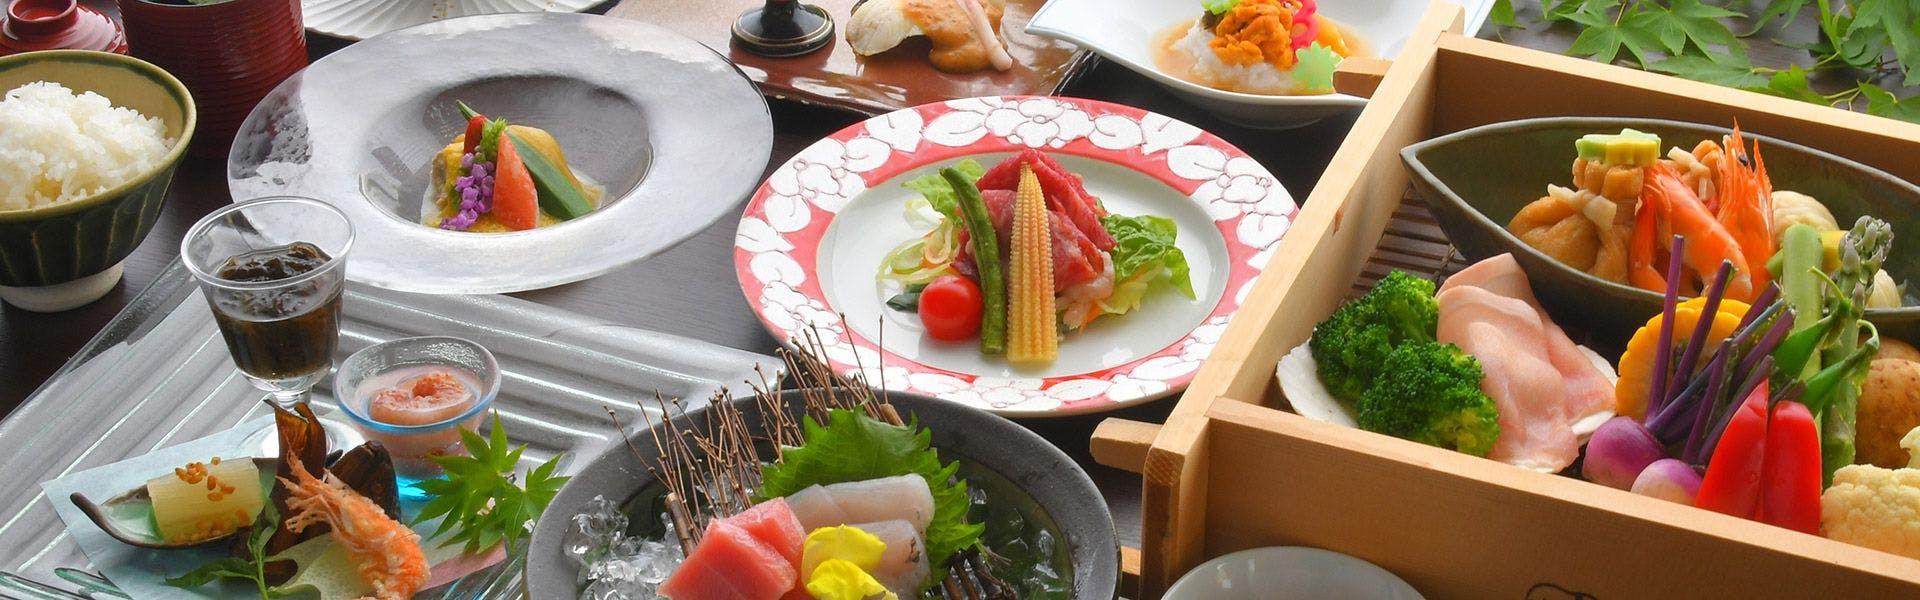 記念日におすすめのホテル・日光中禅寺湖温泉 ホテル 花庵の写真2